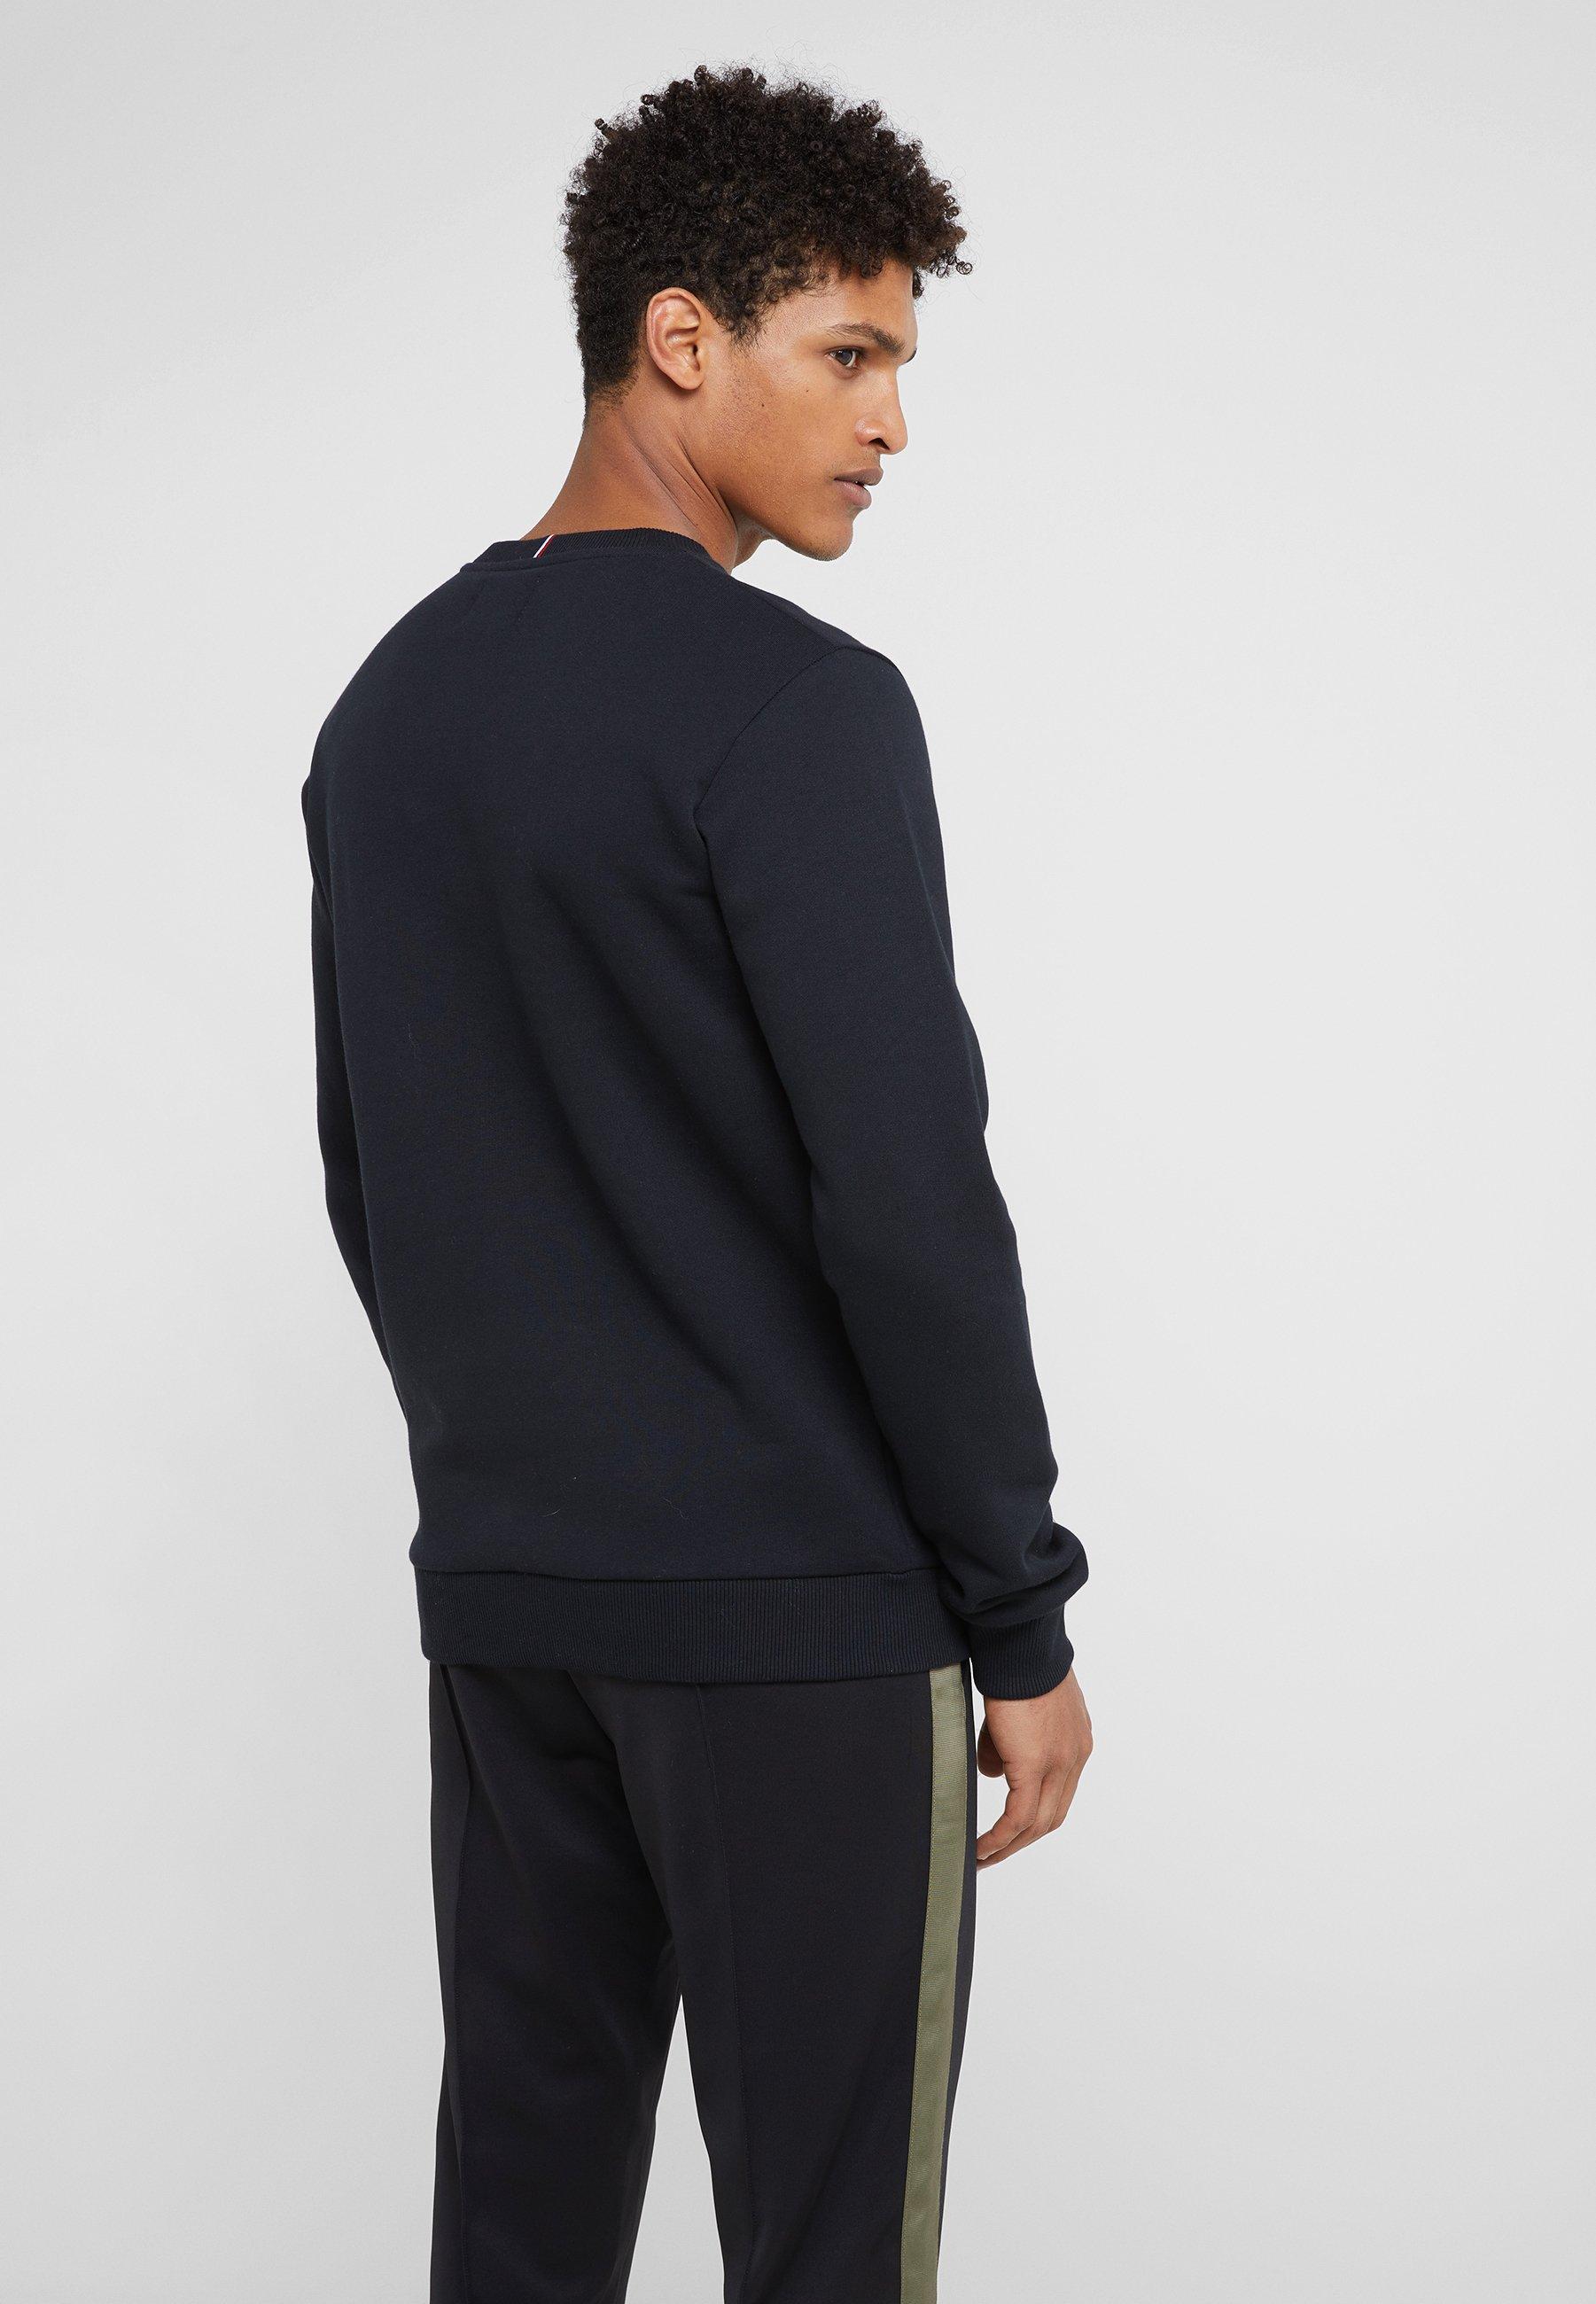 100% Original Limit Offer Cheap Men's Clothing Les Deux ENCORE Sweatshirt black hofOCLegX utuKMKIxb